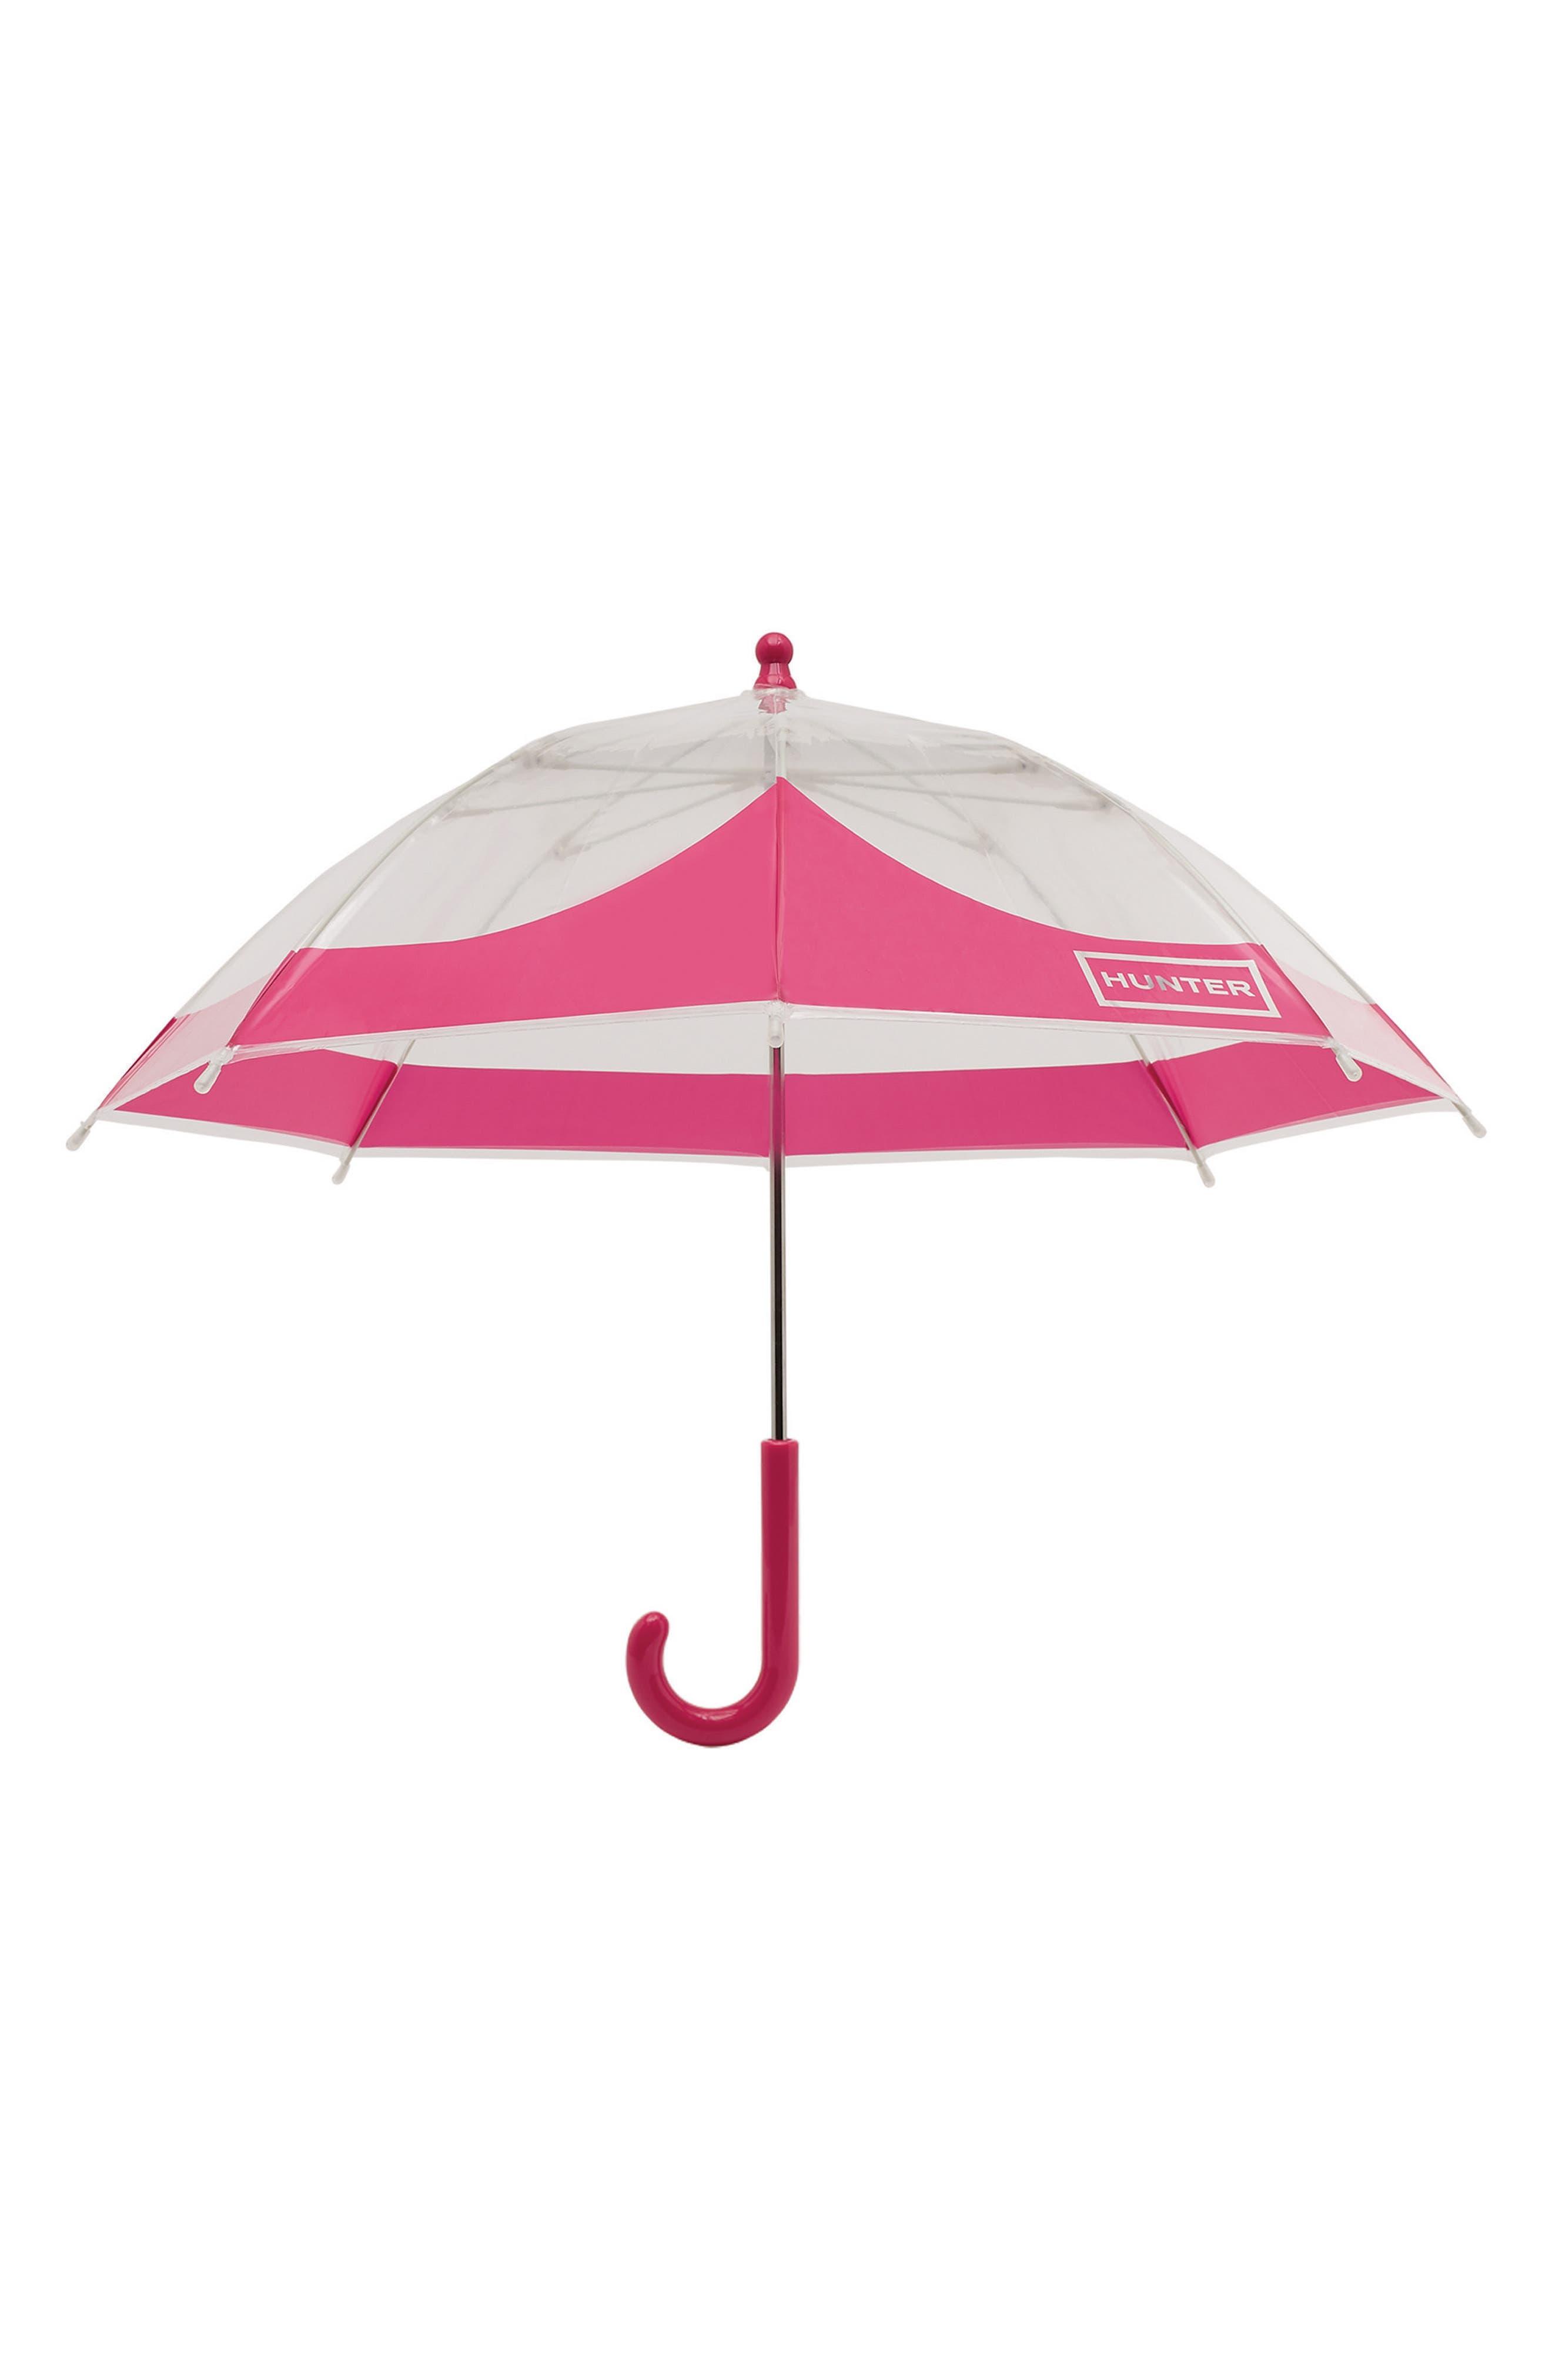 Moustache Bubble Umbrella,                             Main thumbnail 1, color,                             Bright Pink